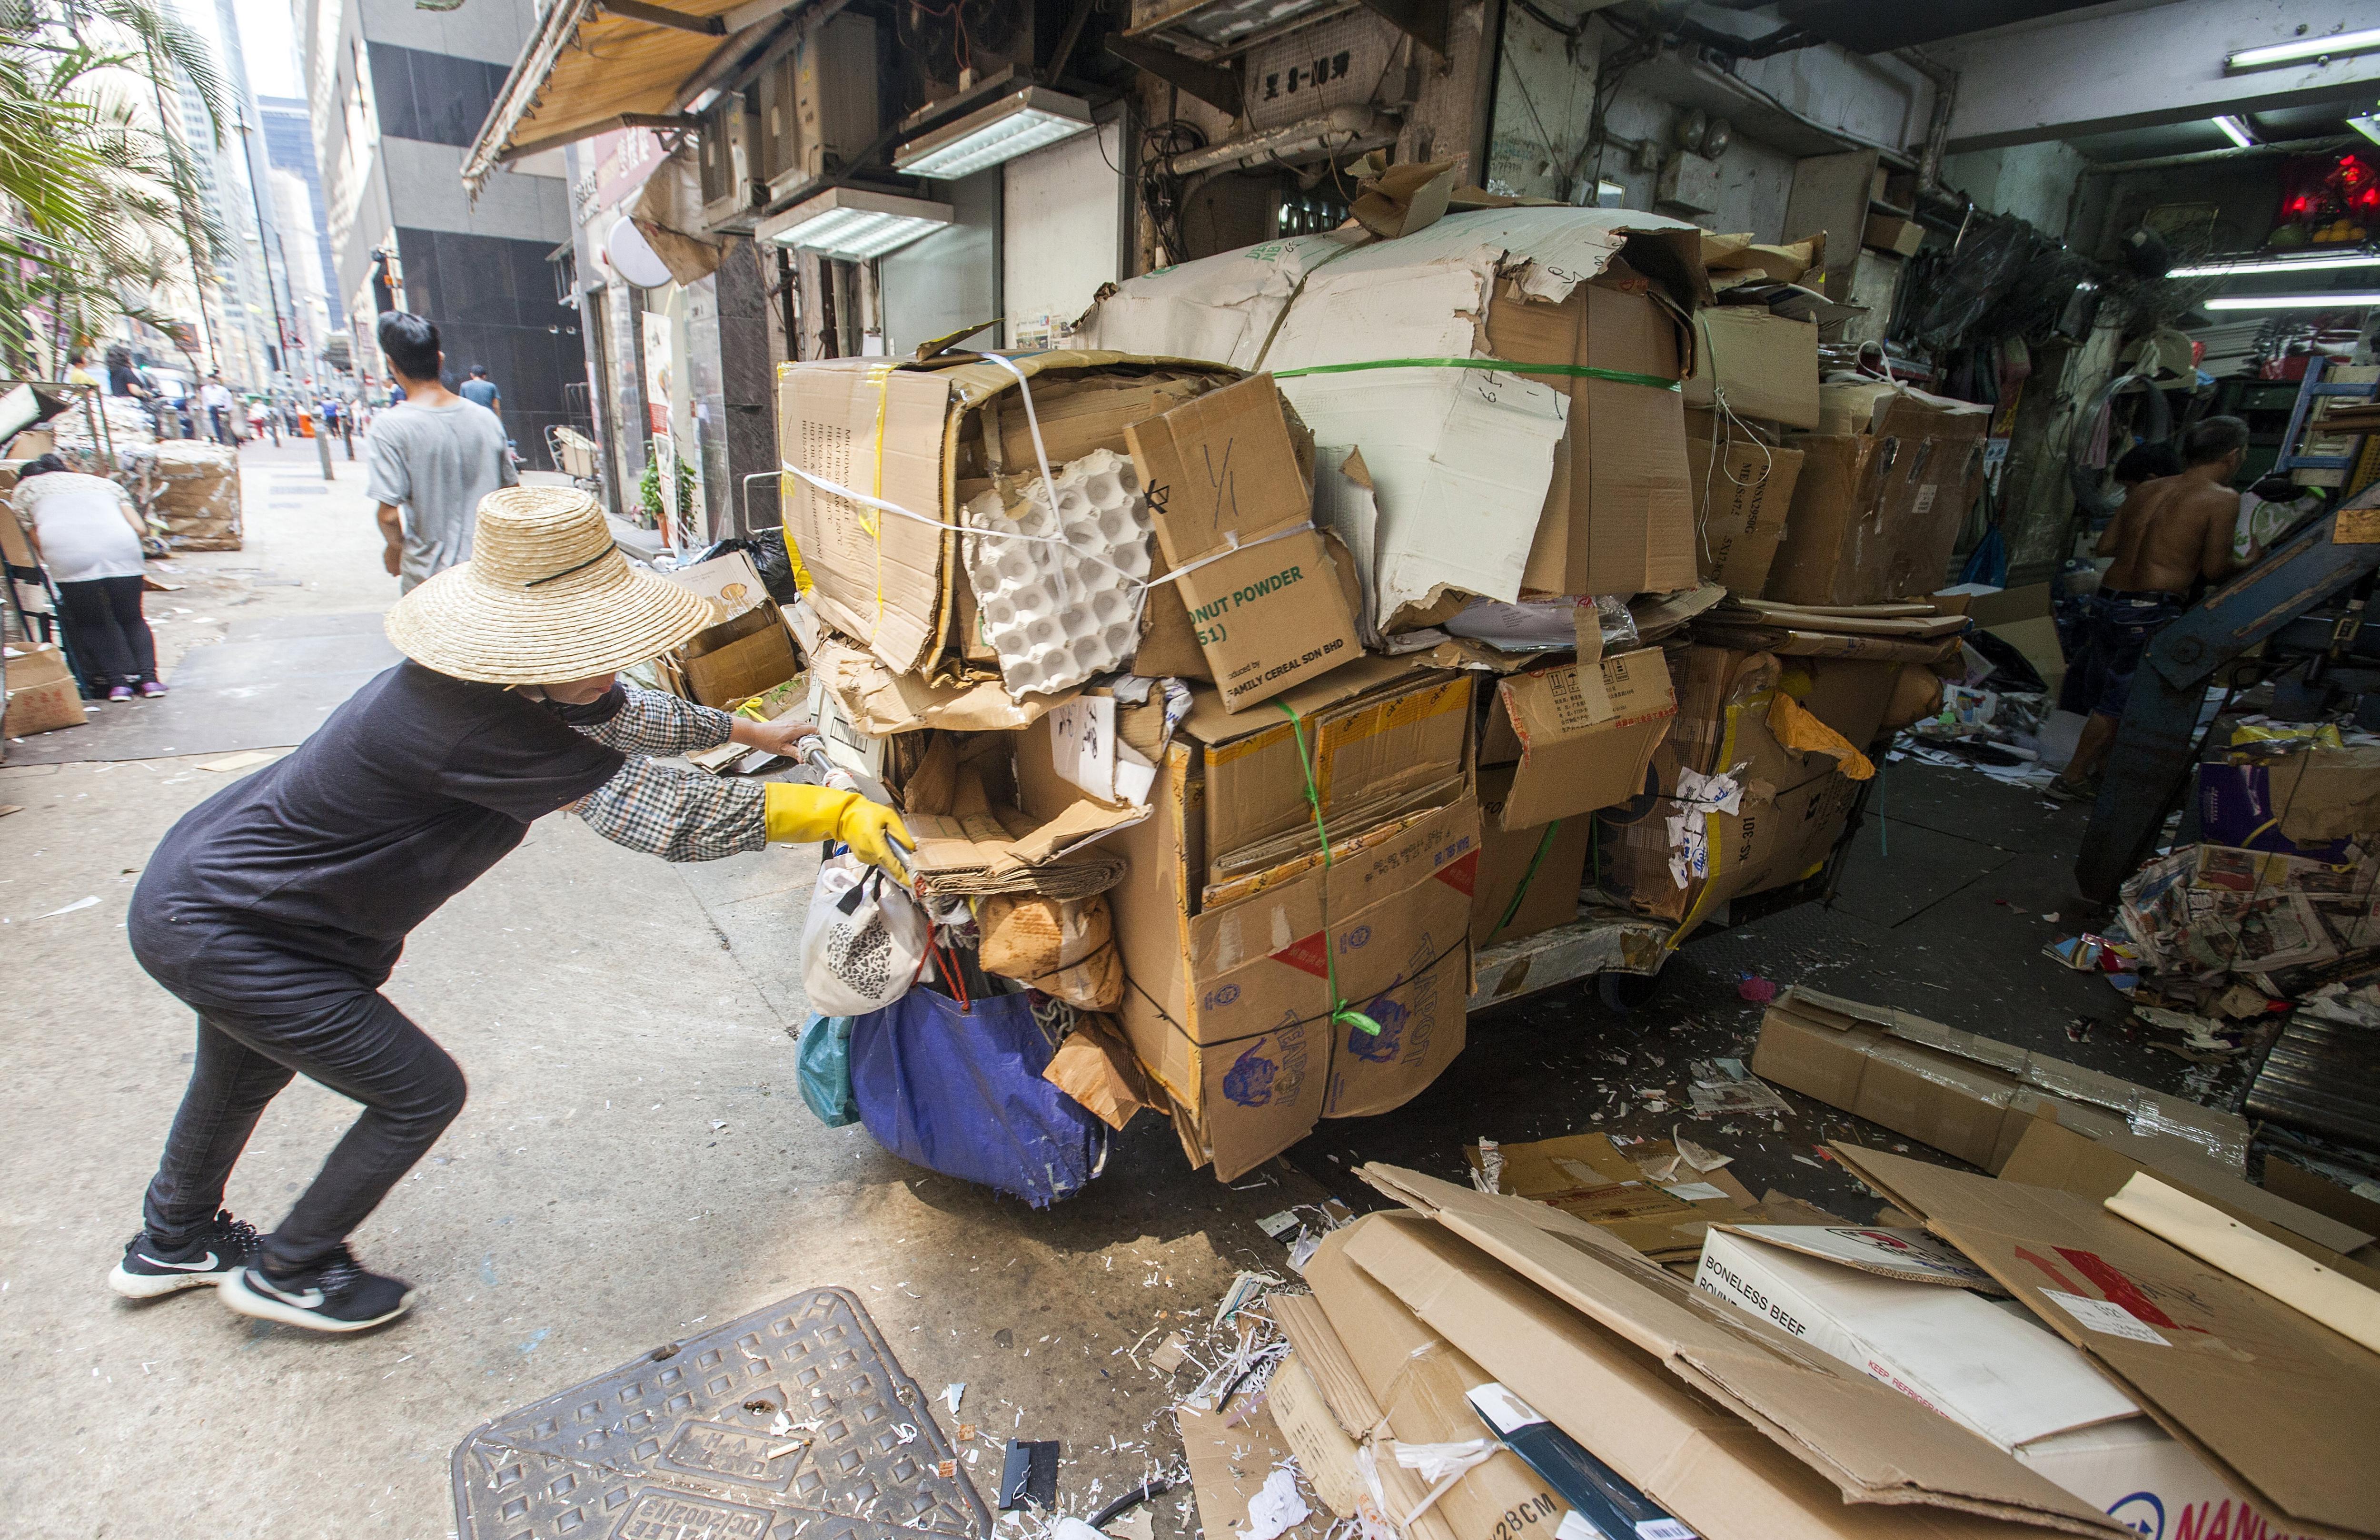 El preu per quilo de paper i cartó usat ha caigut entre un 60 i un 50% a Hong Kong. Famílies de baix poder adquisitiu subsistien fins ara amb la recol·lecció d'aquest material. /ALEX HOFFORD